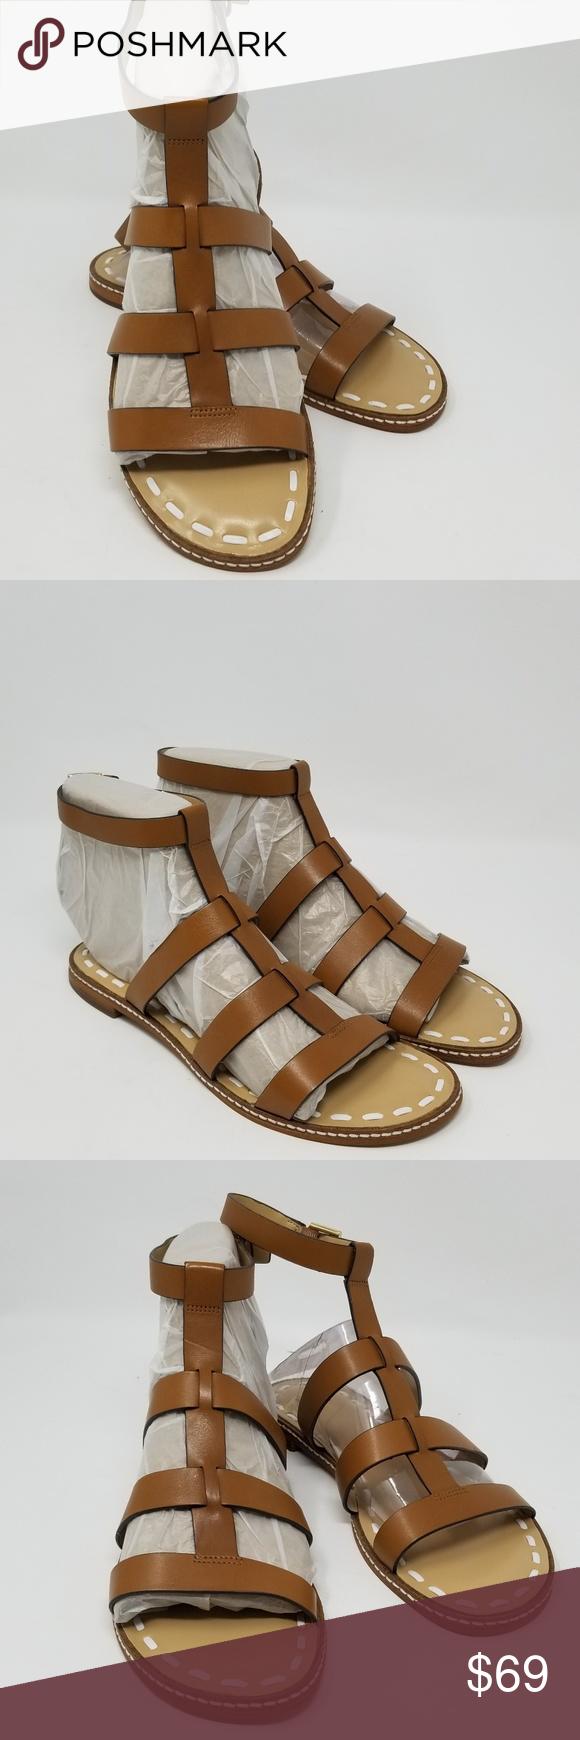 8c2d5c428c1 MICHAEL Michael Kors Fallon Flat Sandal For your consideration  MICHAEL  Michael Kors Fallon Flat Sandal